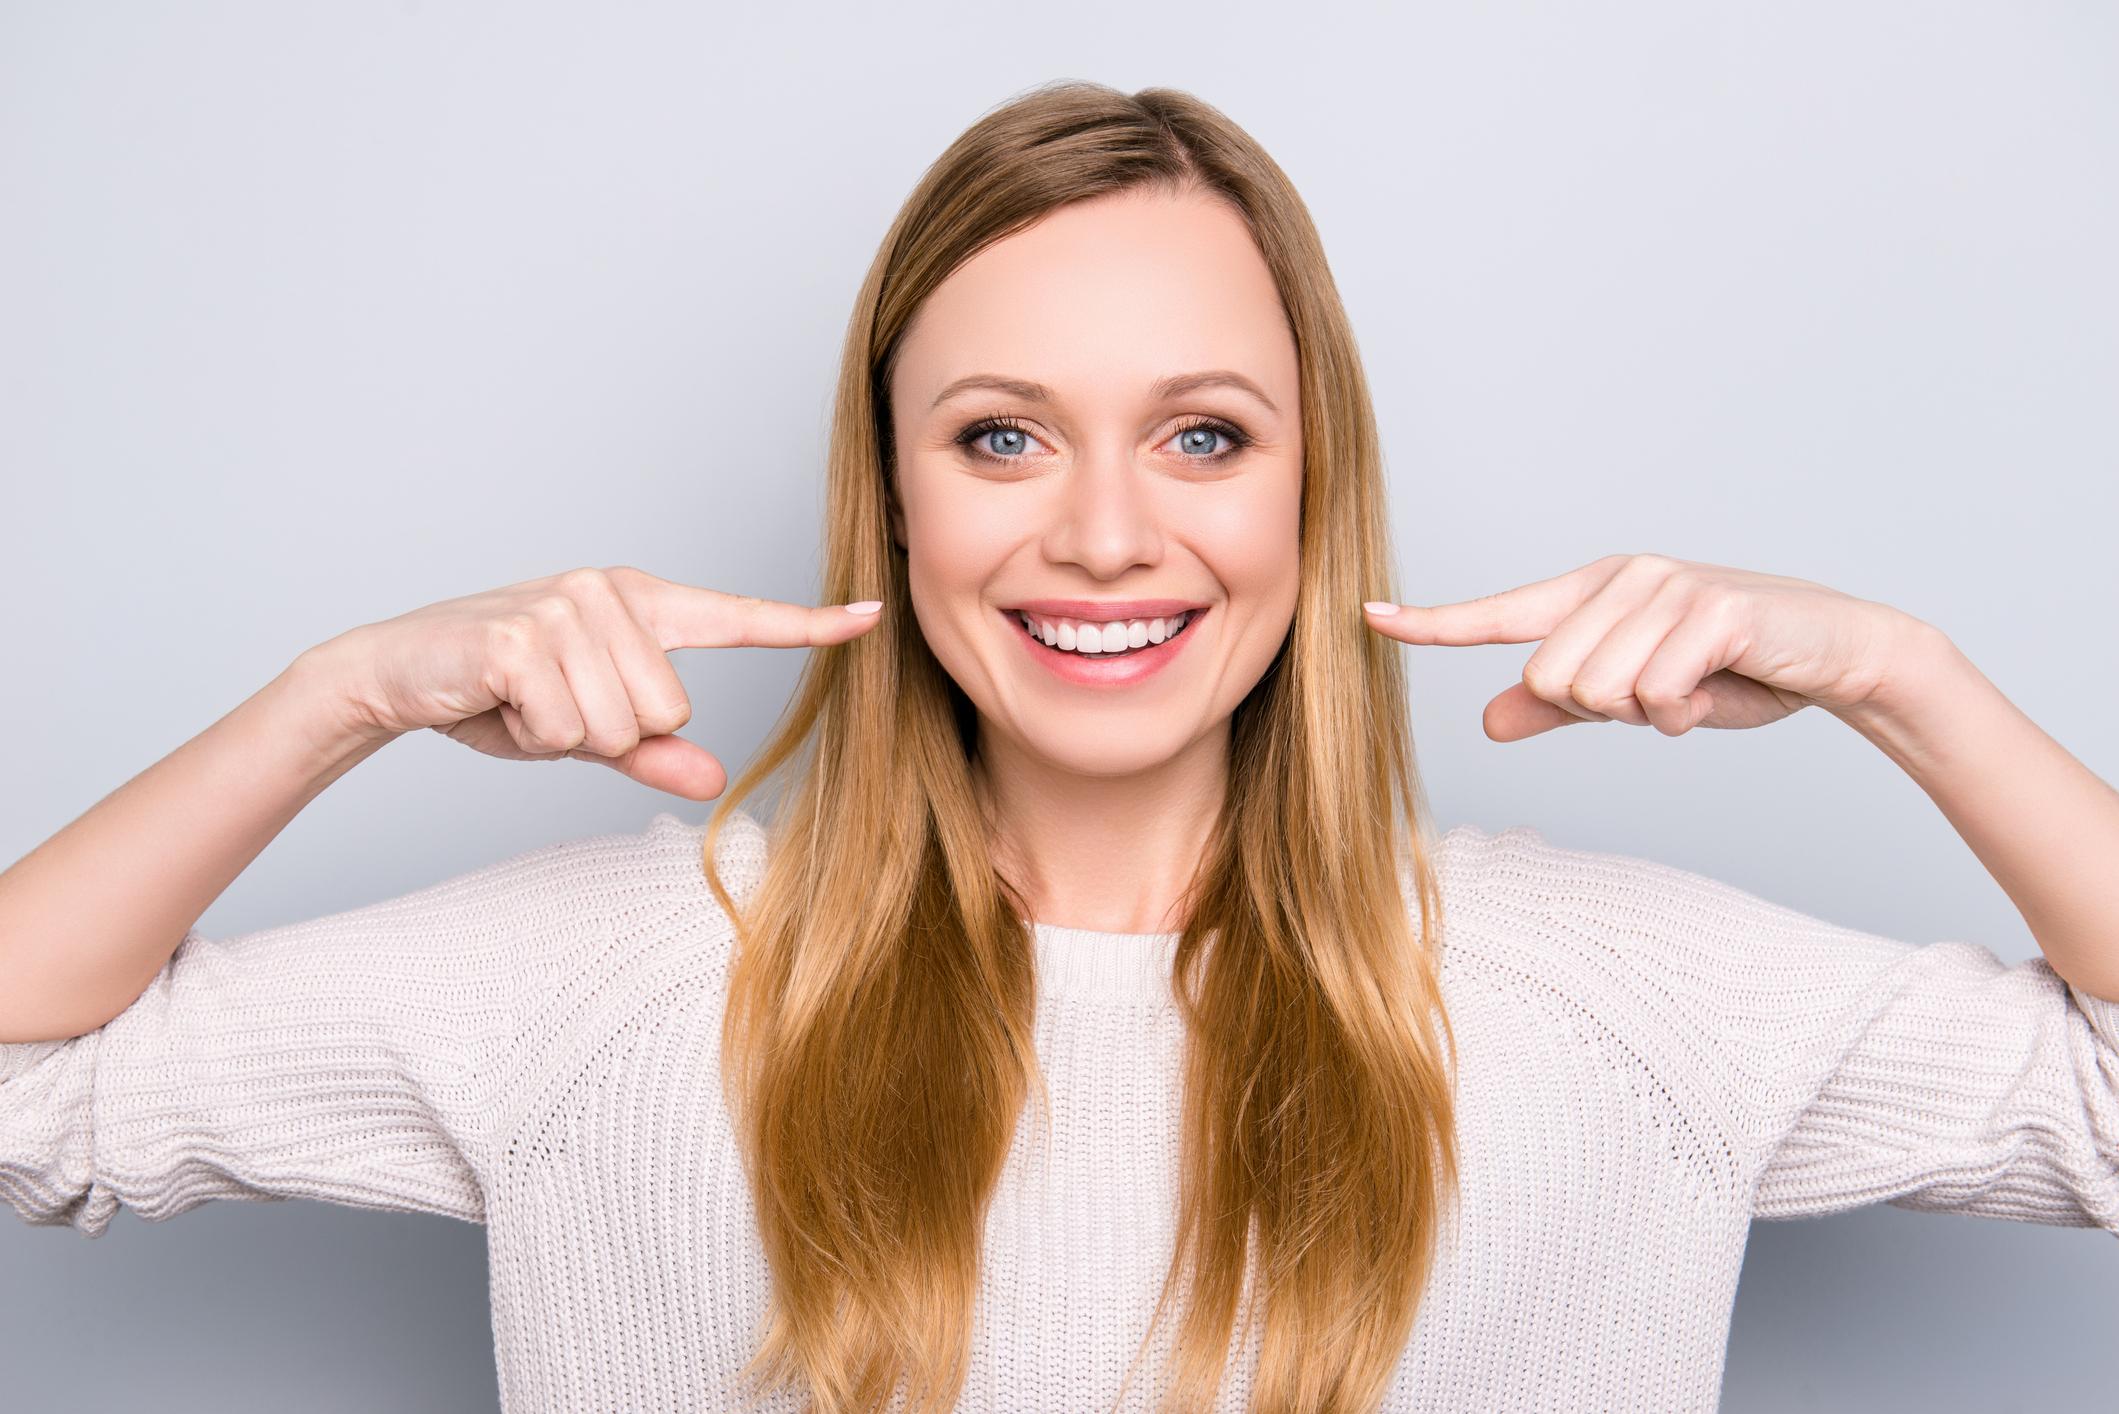 mantener tus encías saludables